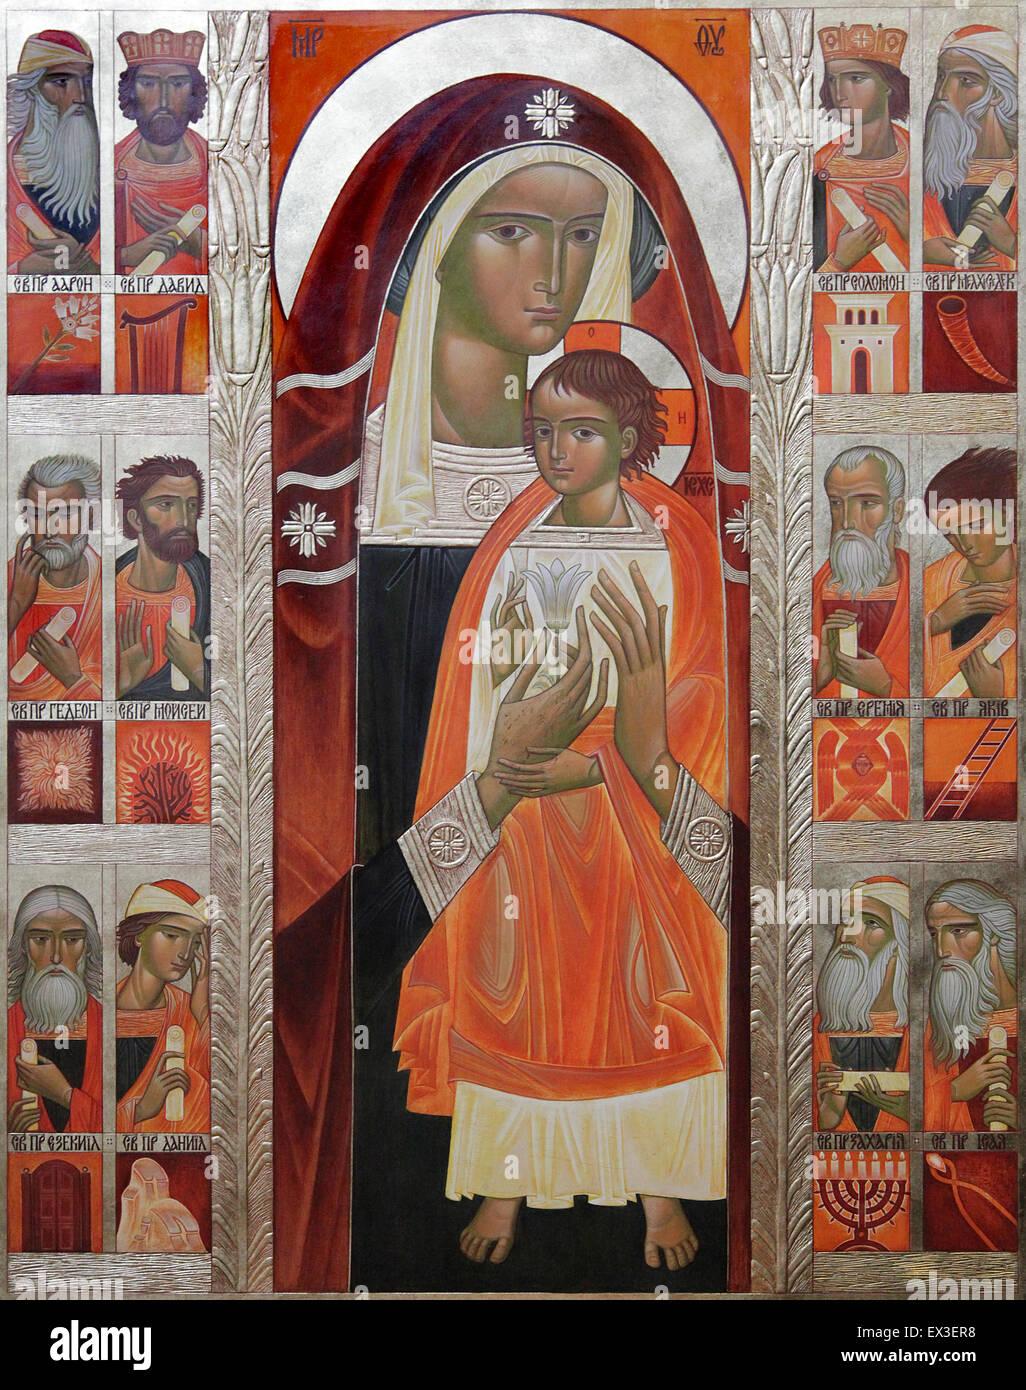 Icon at the Notre-Dame de Paris.Notre-Dame Cathedral.Notre-Dame.Paris France - Stock Image